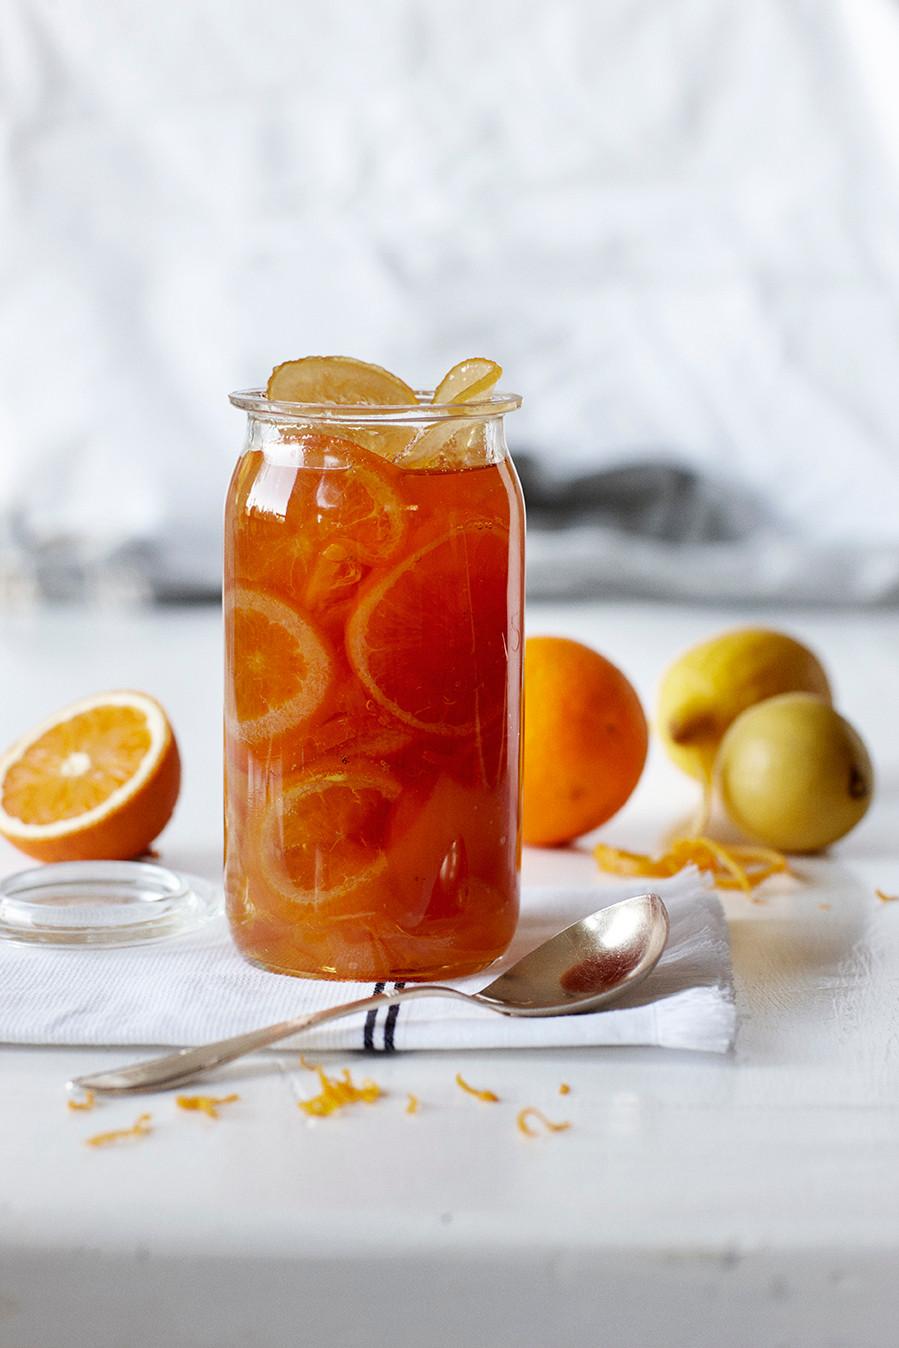 Appelsinmarmelade god opskrift Hannah Lund 1900 Til bords